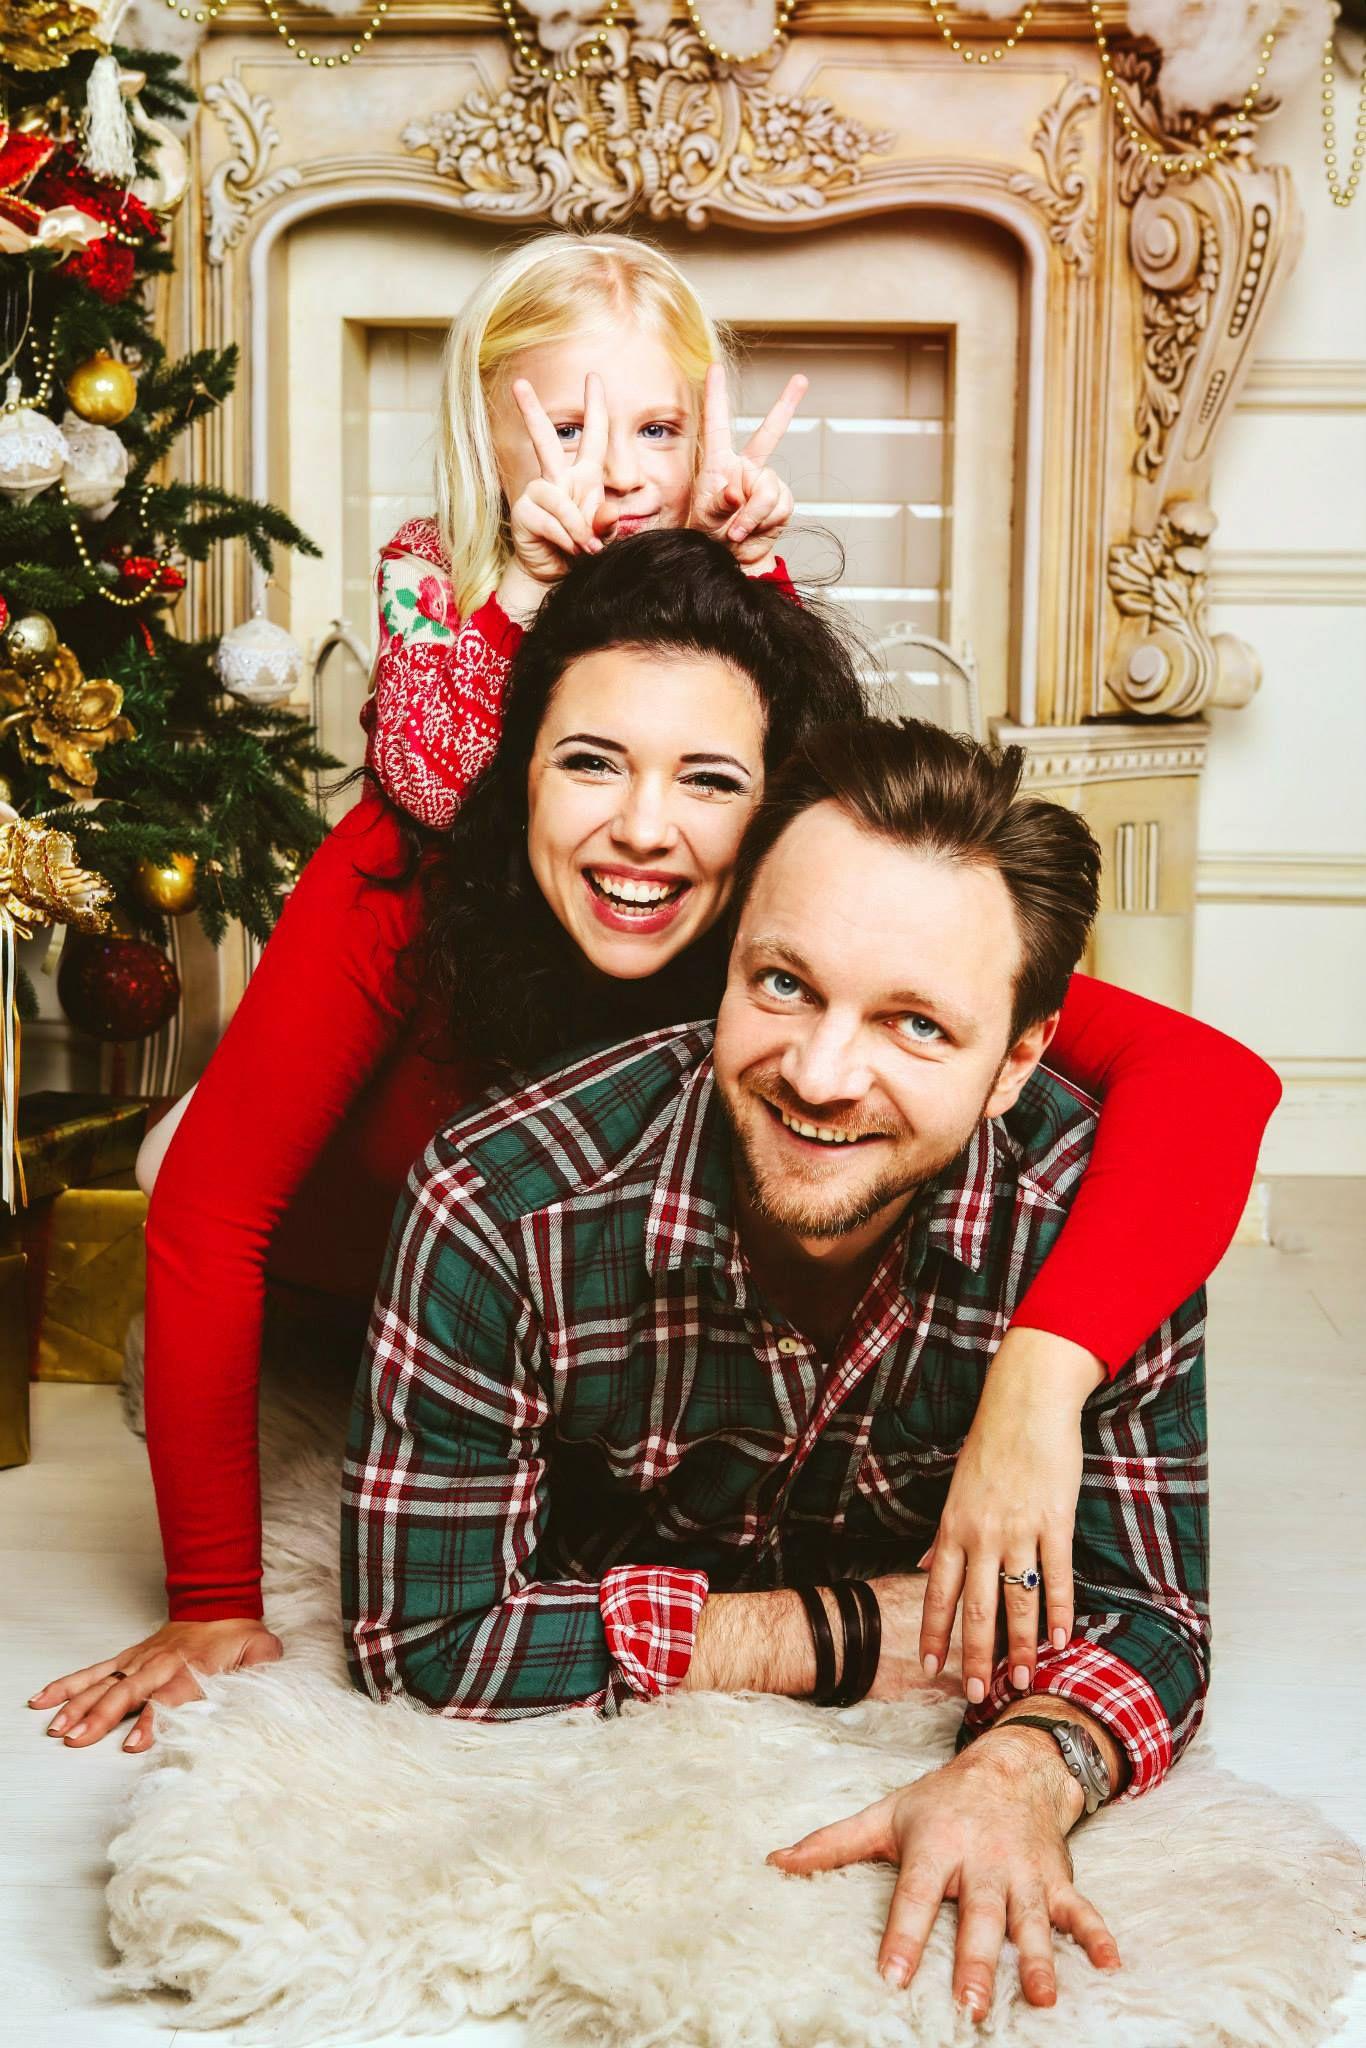 Family moment: Christmas family photo shoot.